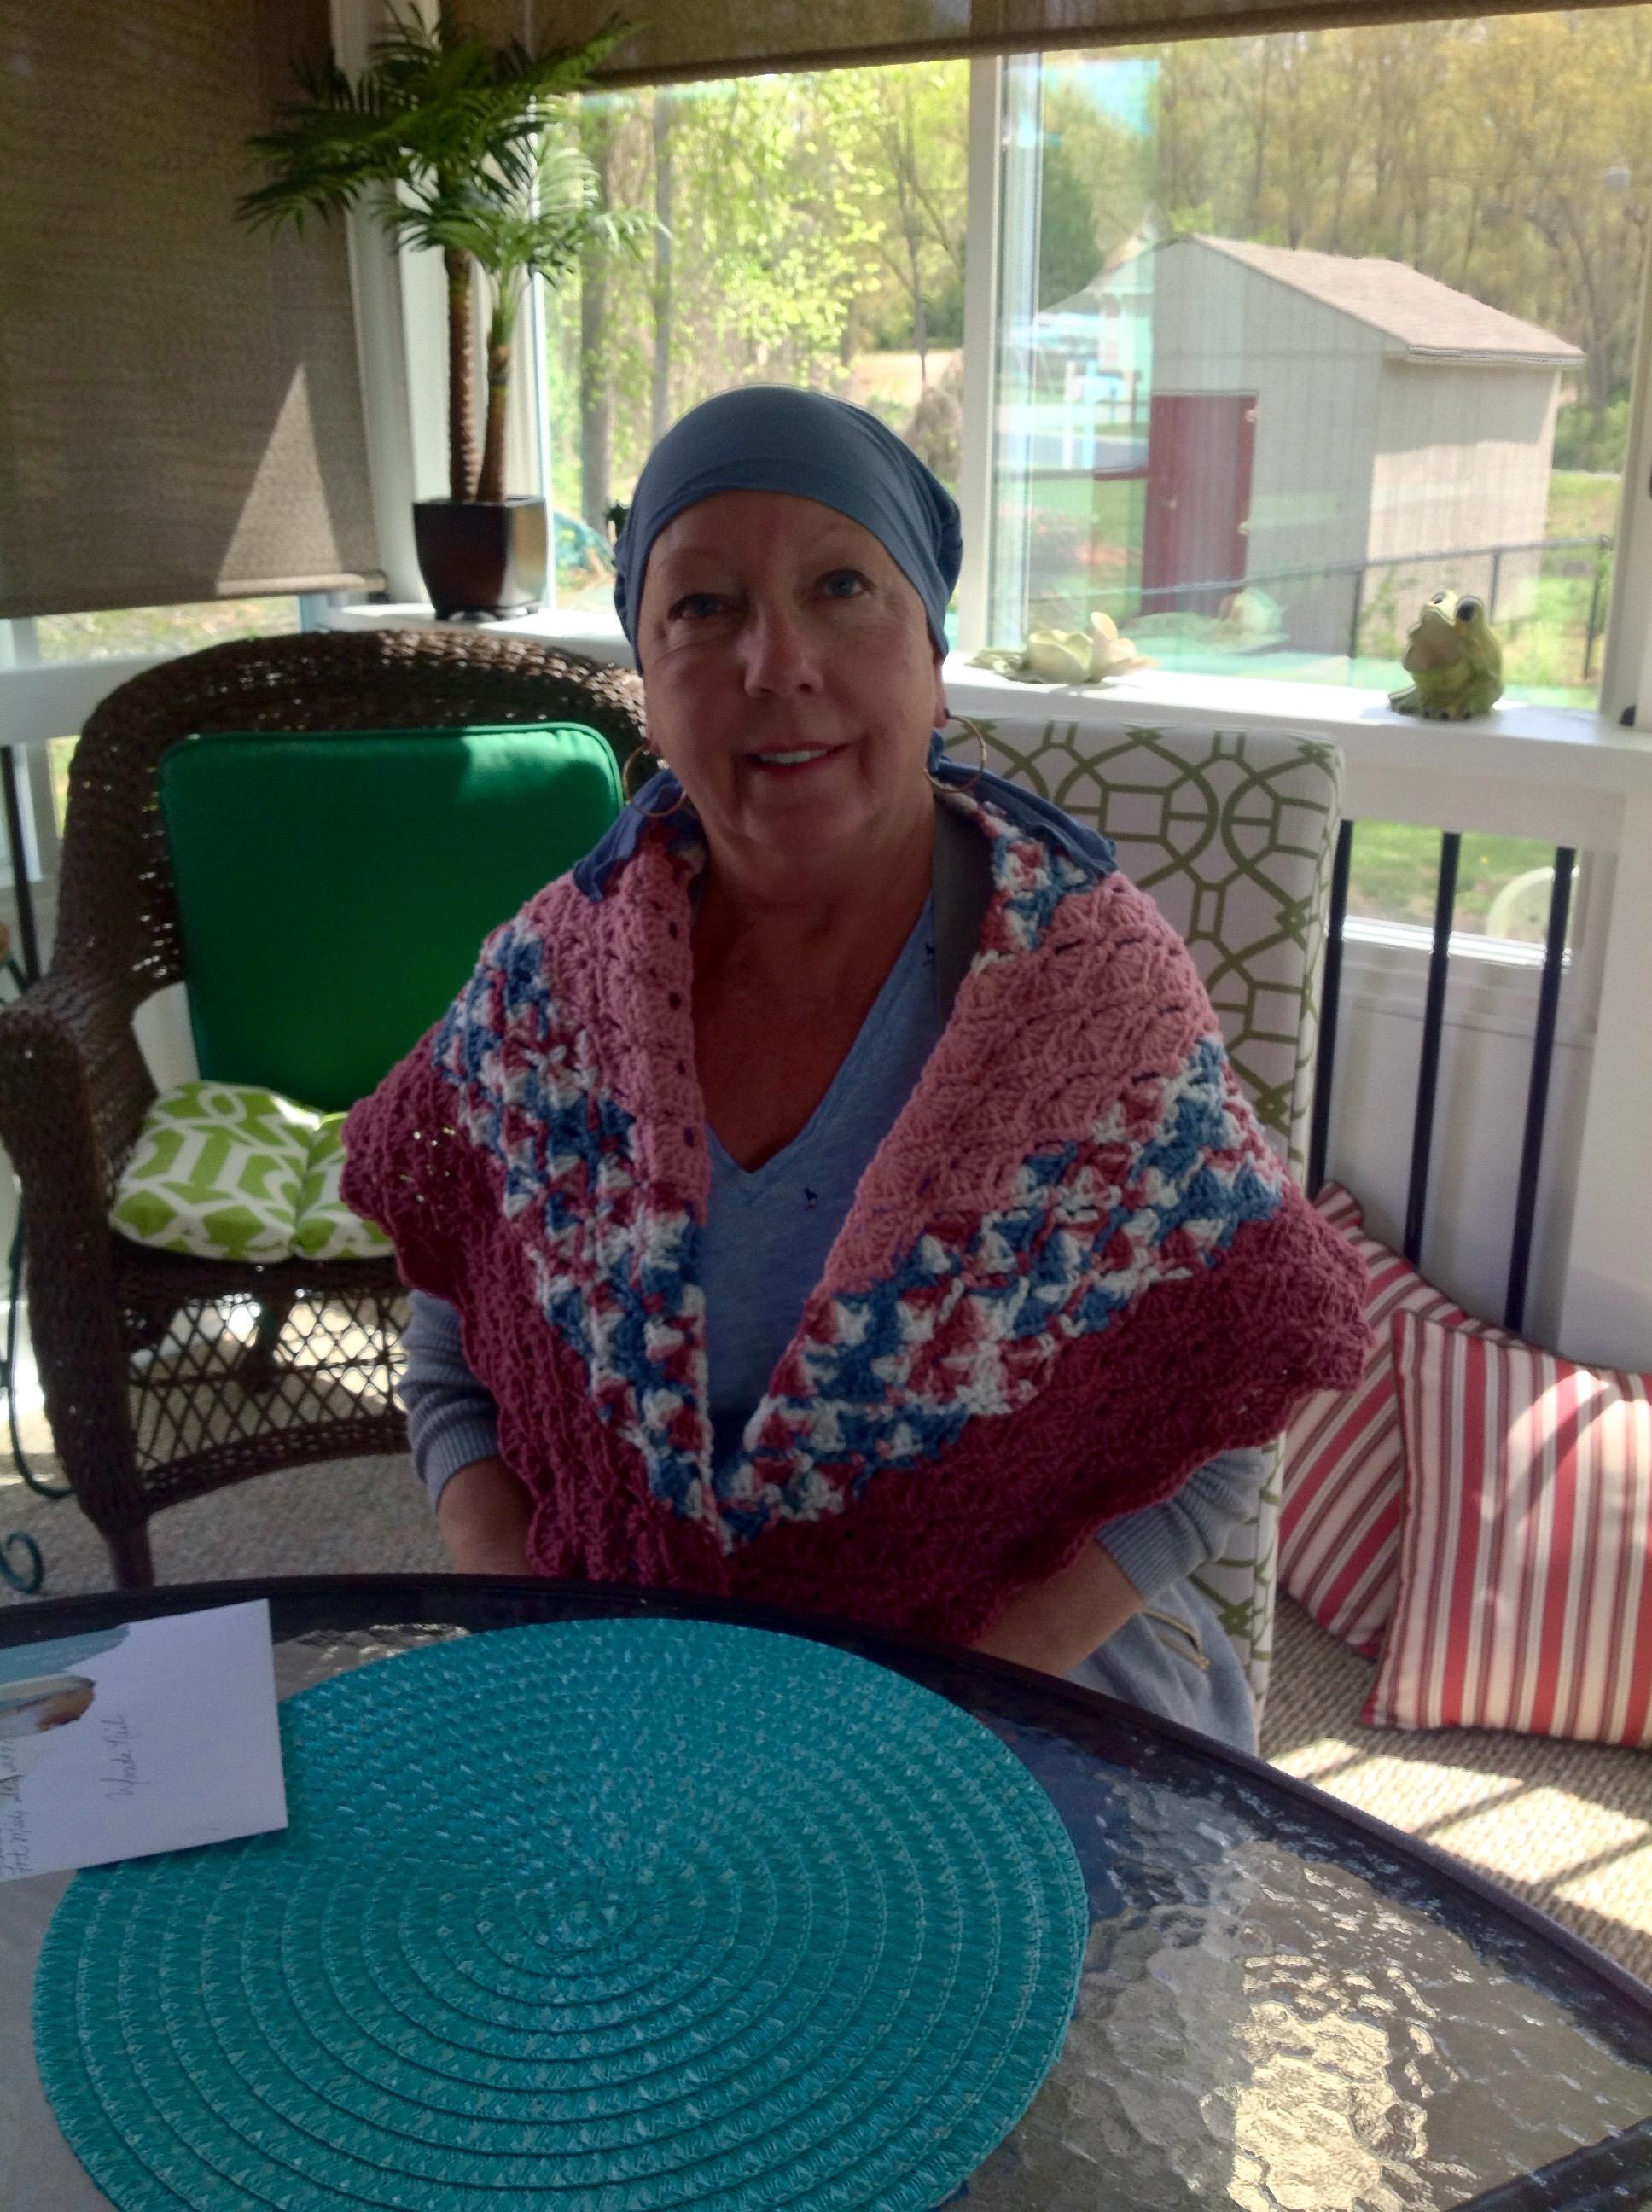 Wanda Neil with her prayer shawl